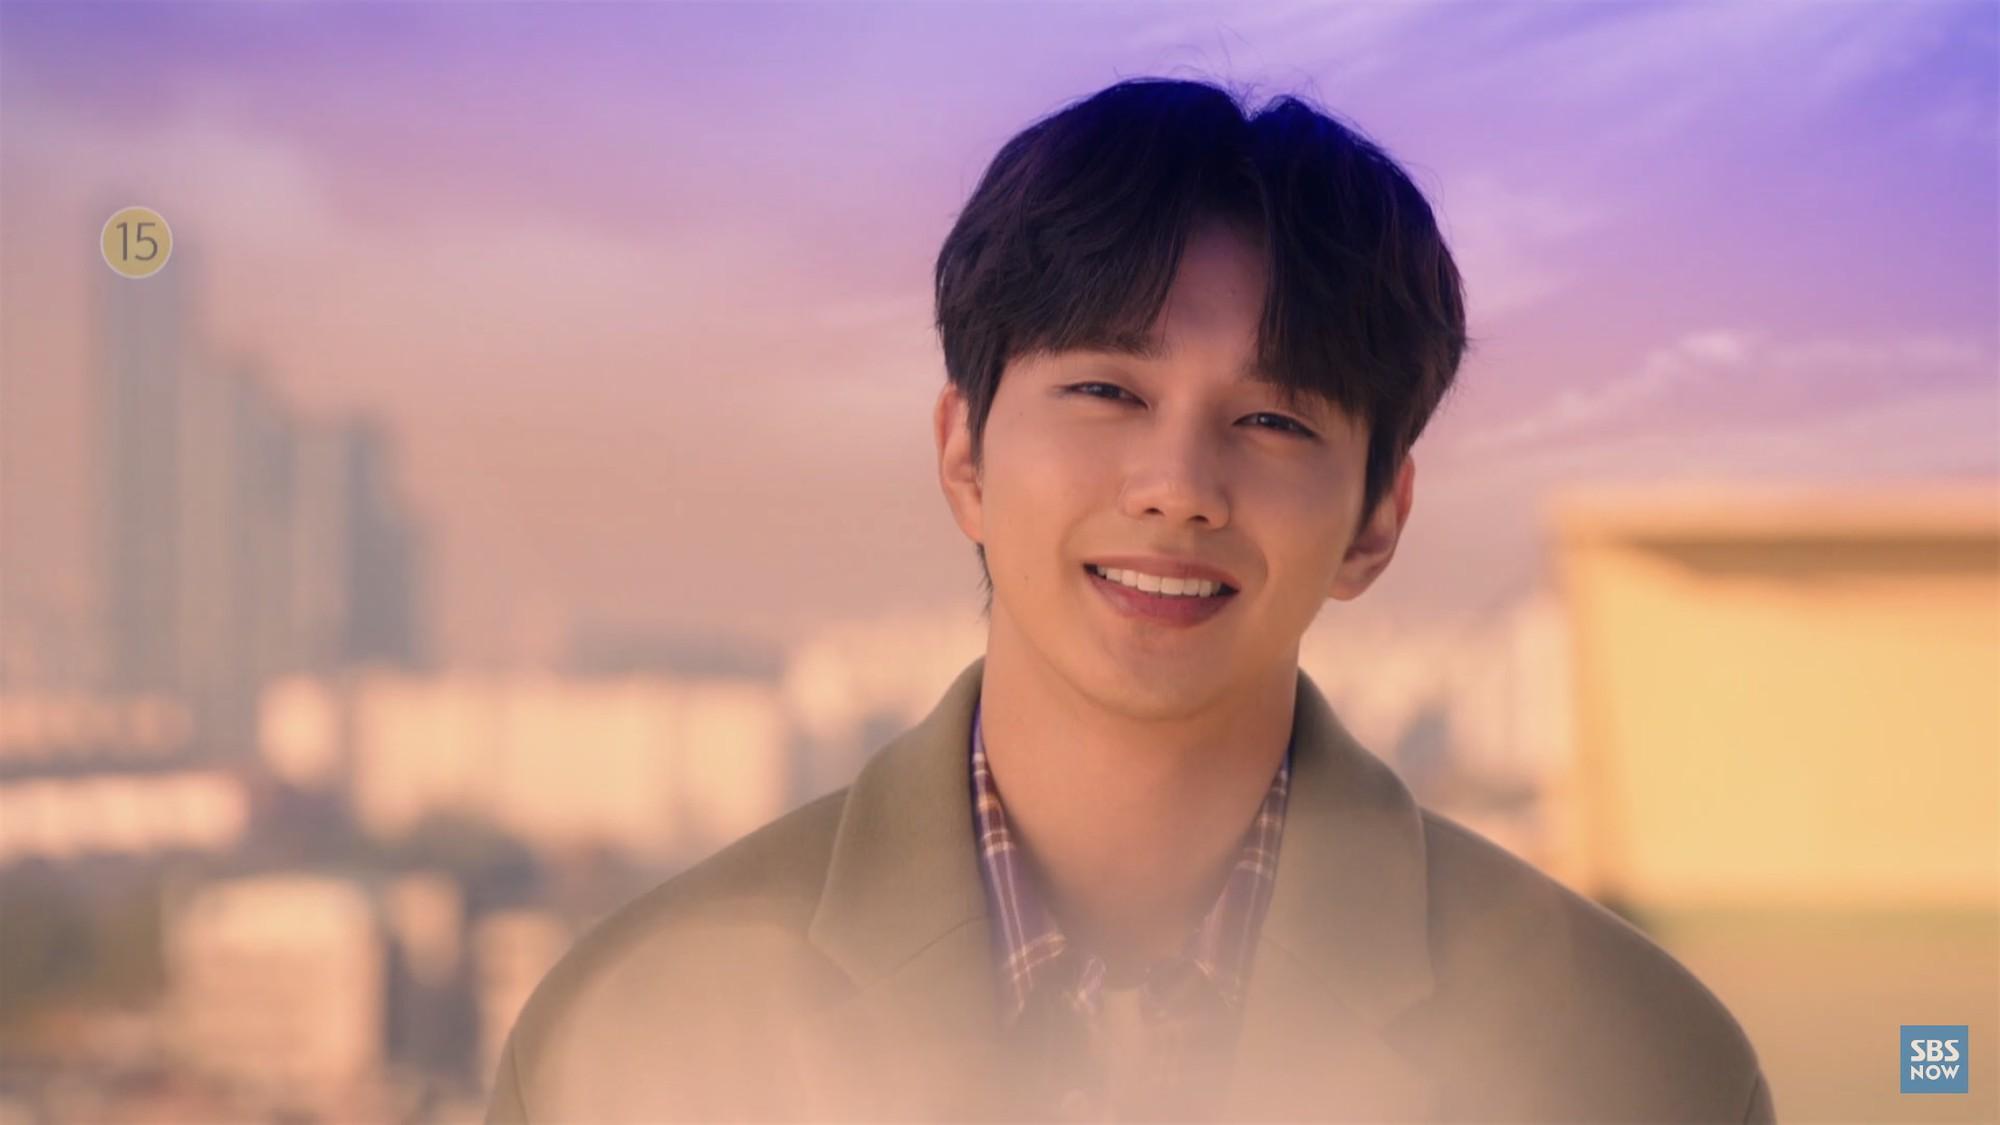 Netizen Hàn bồi hồi trước loạt ảnh đầy hoài niệm của anh em Yoo Seung Ho và Kim Yoo Jung từ 10 năm trước - Ảnh 12.